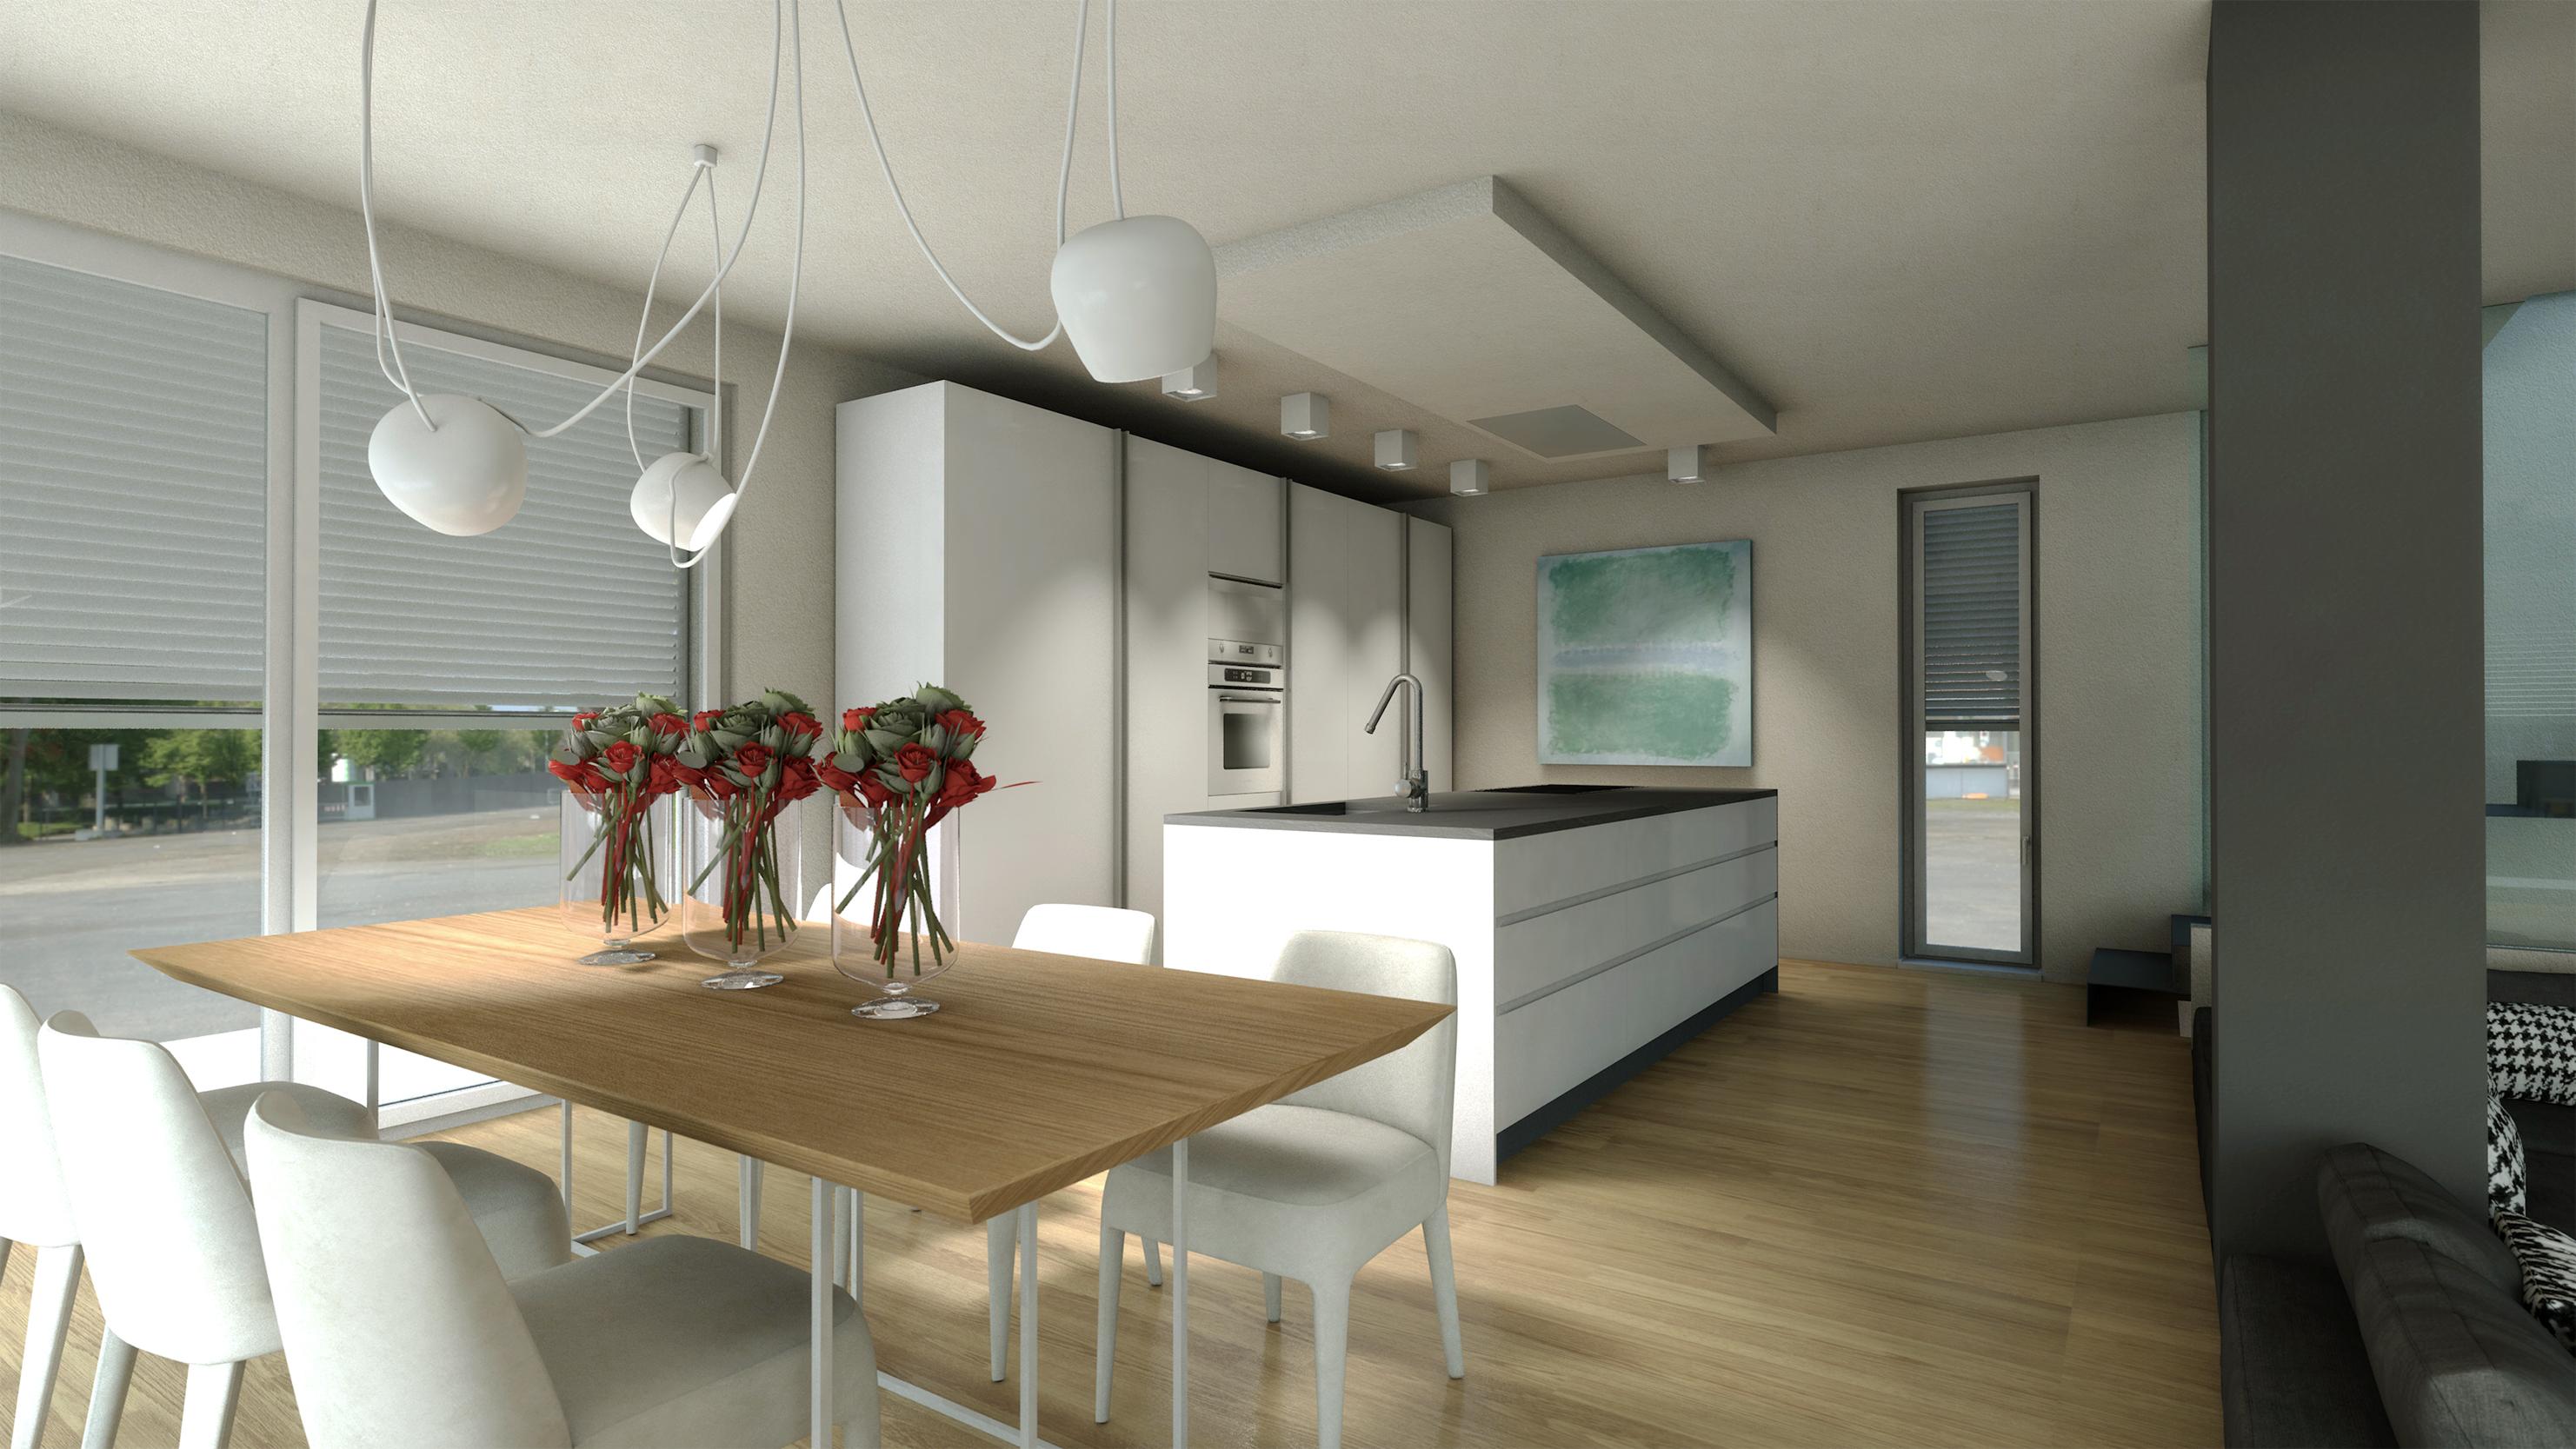 Interni villa duplex bc progettazione integrata di for Design interni